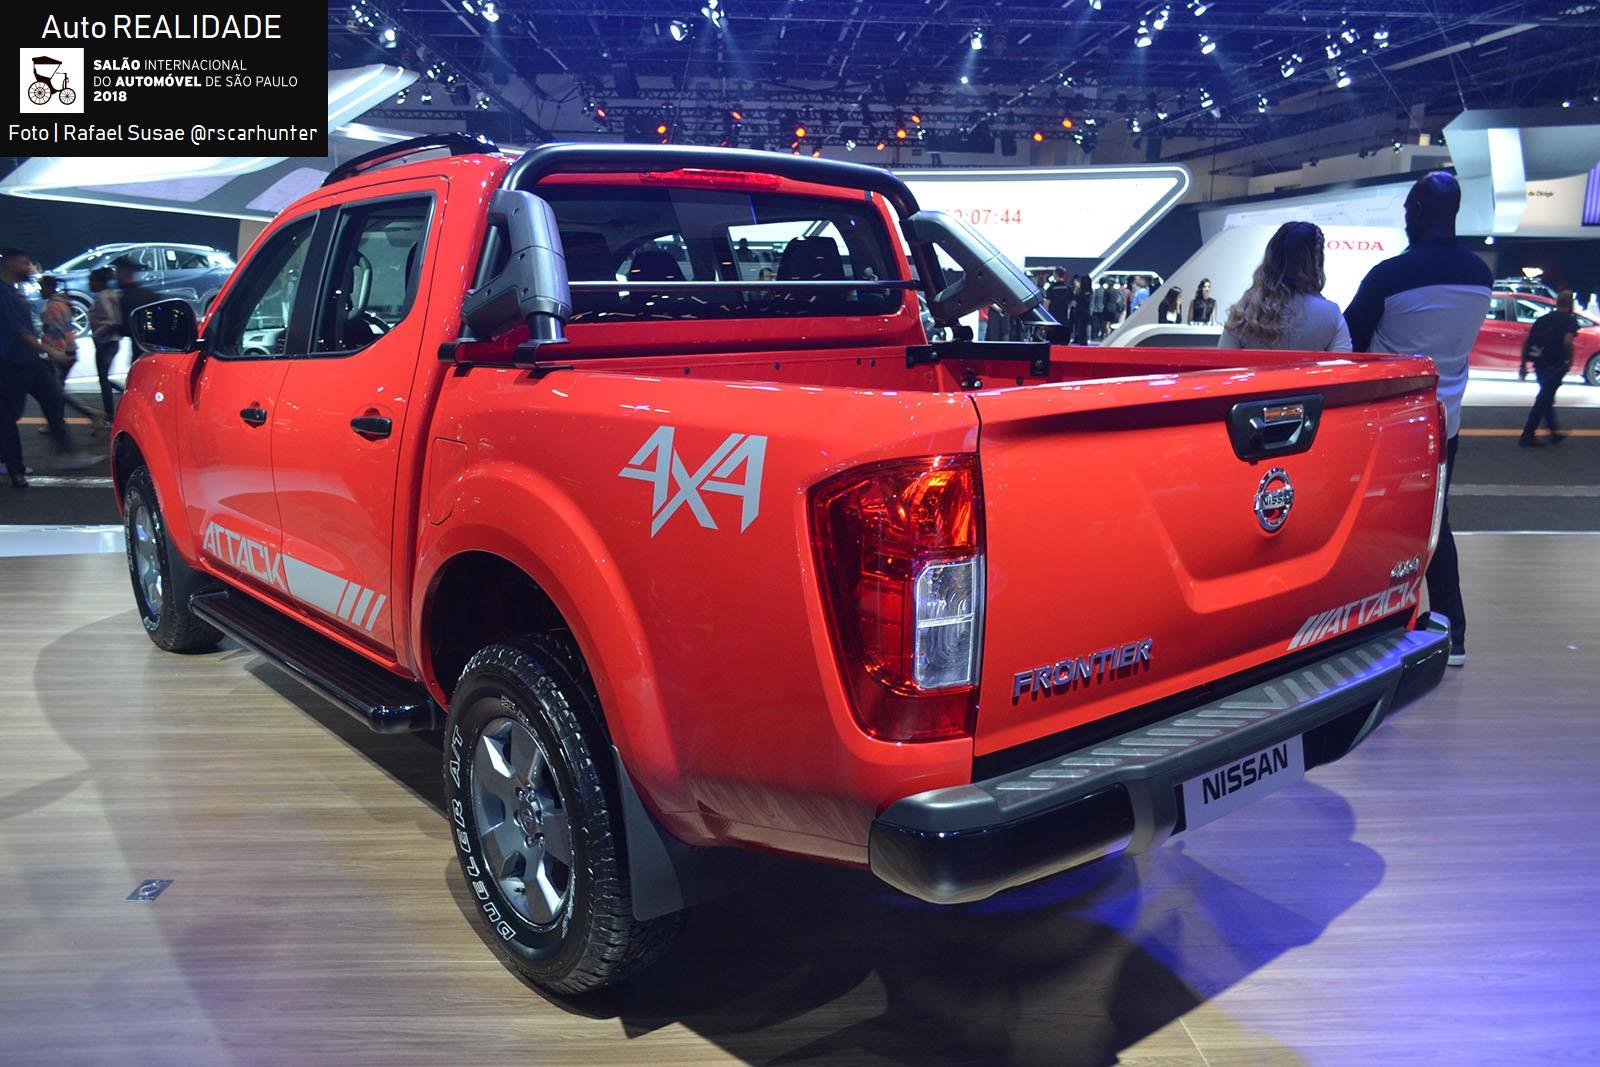 Nissan Divulga Precos Da Frontier 2019 Attack 4x4 Parte De R 153 590